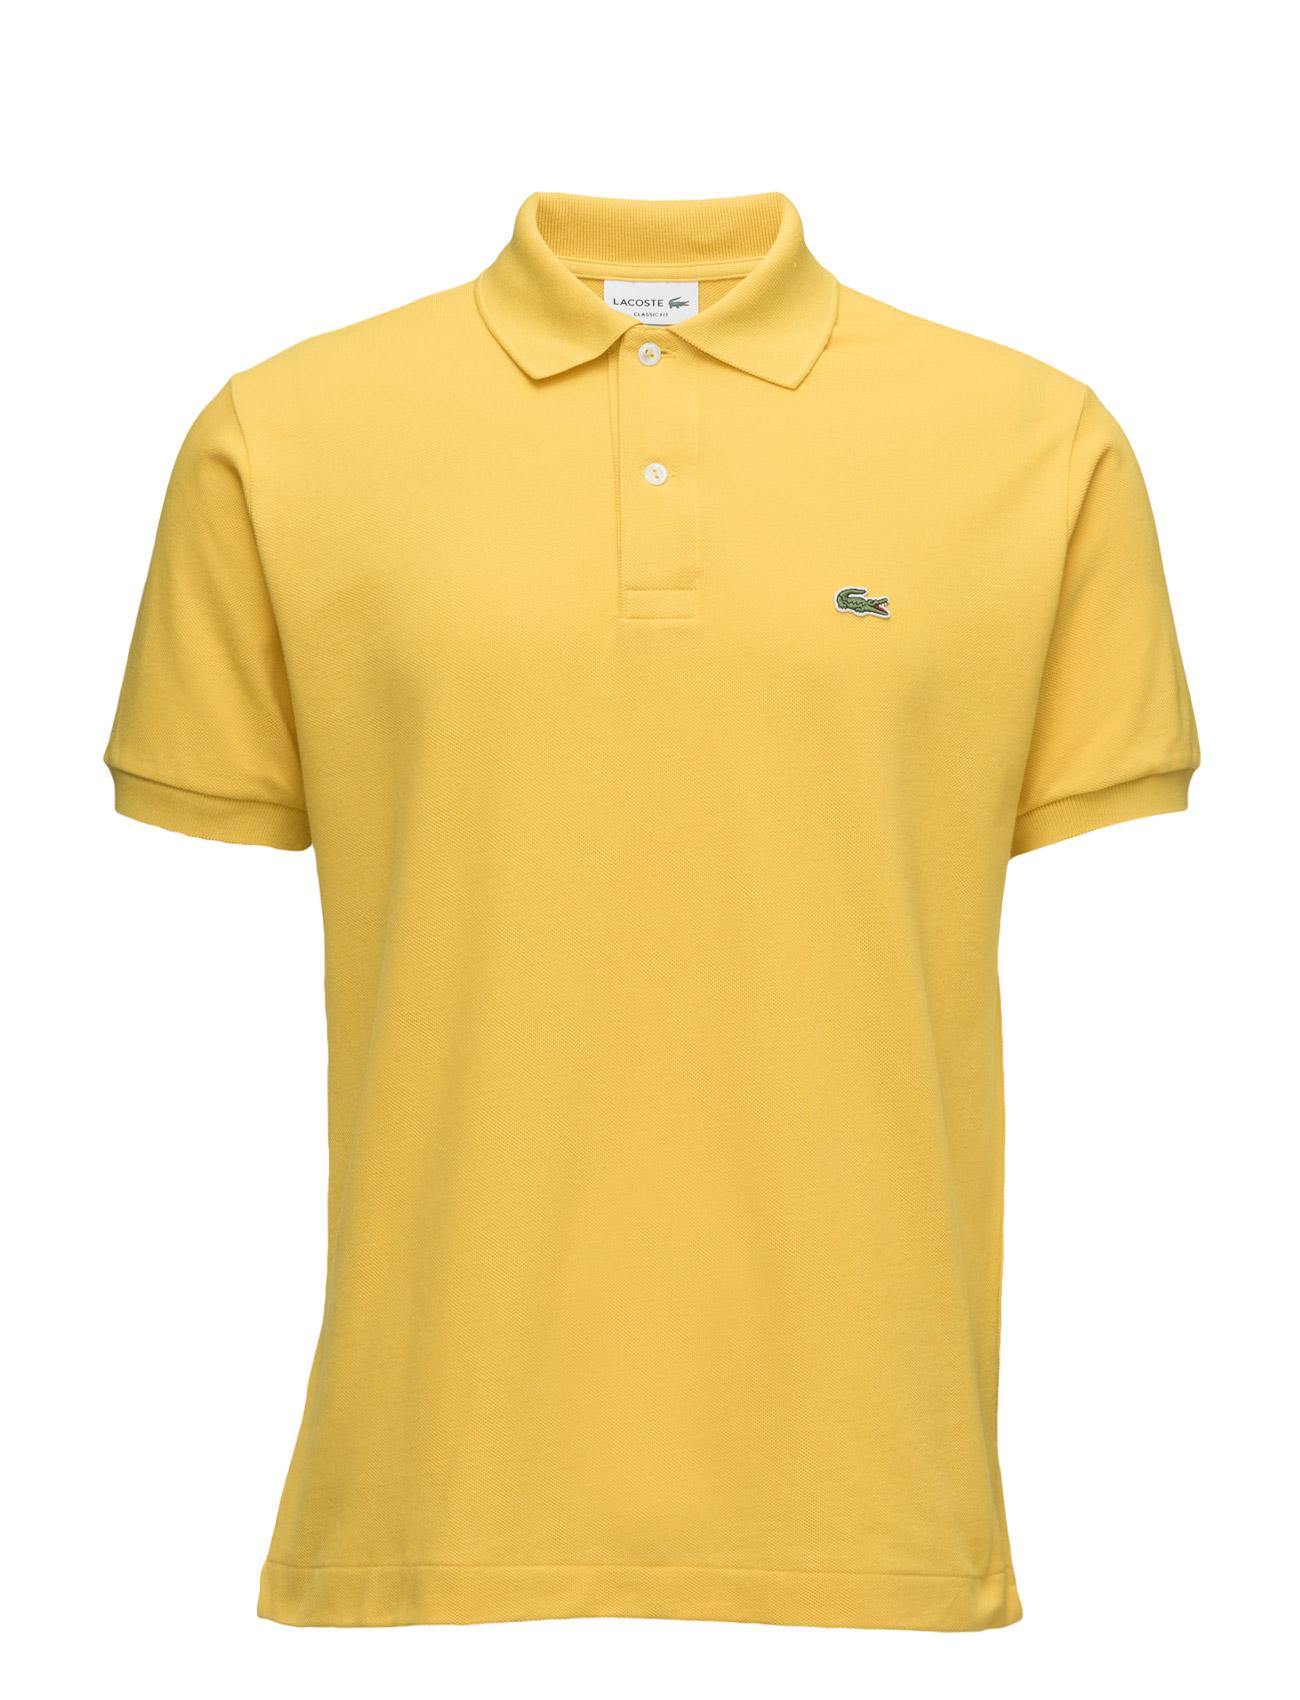 Bild på Lacoste Poloshirt Short Sleeves